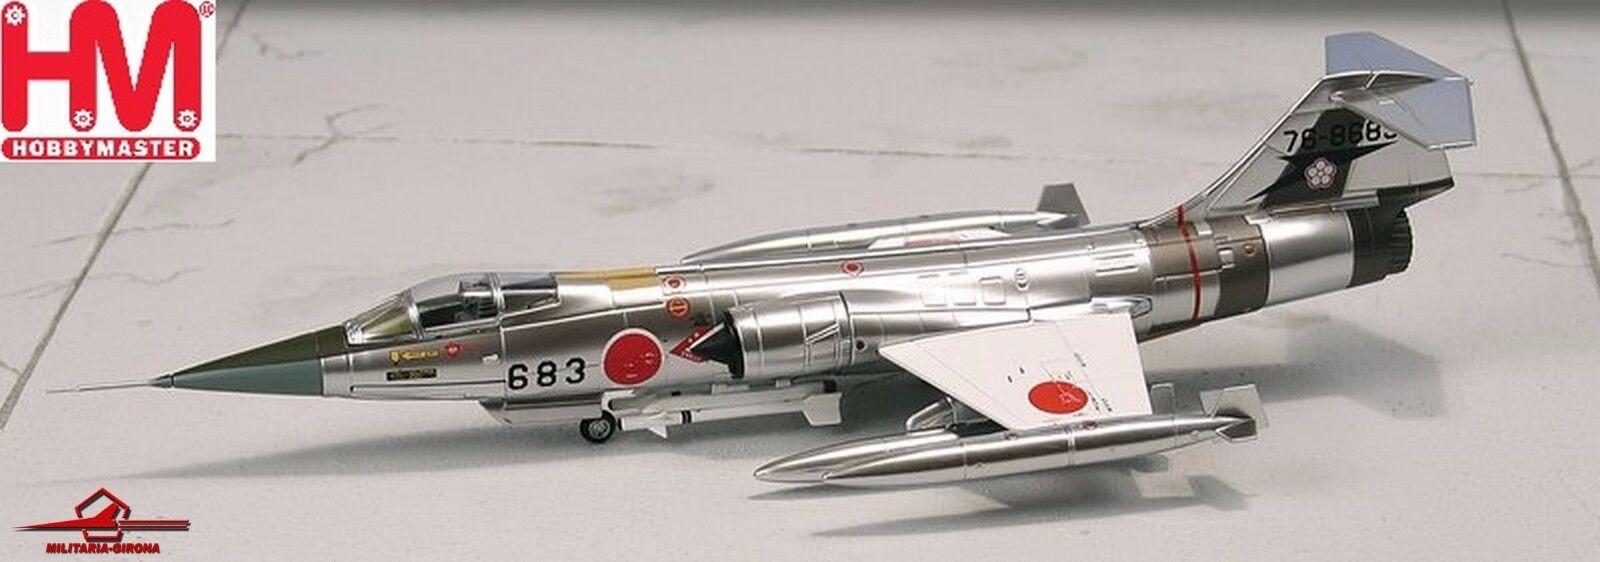 Hobby Master 1 72 HA1029 F-104 Starfighter 206 sq. Japan Air Self Defence Force  | Erste Kunden Eine Vollständige Palette Von Spezifikationen